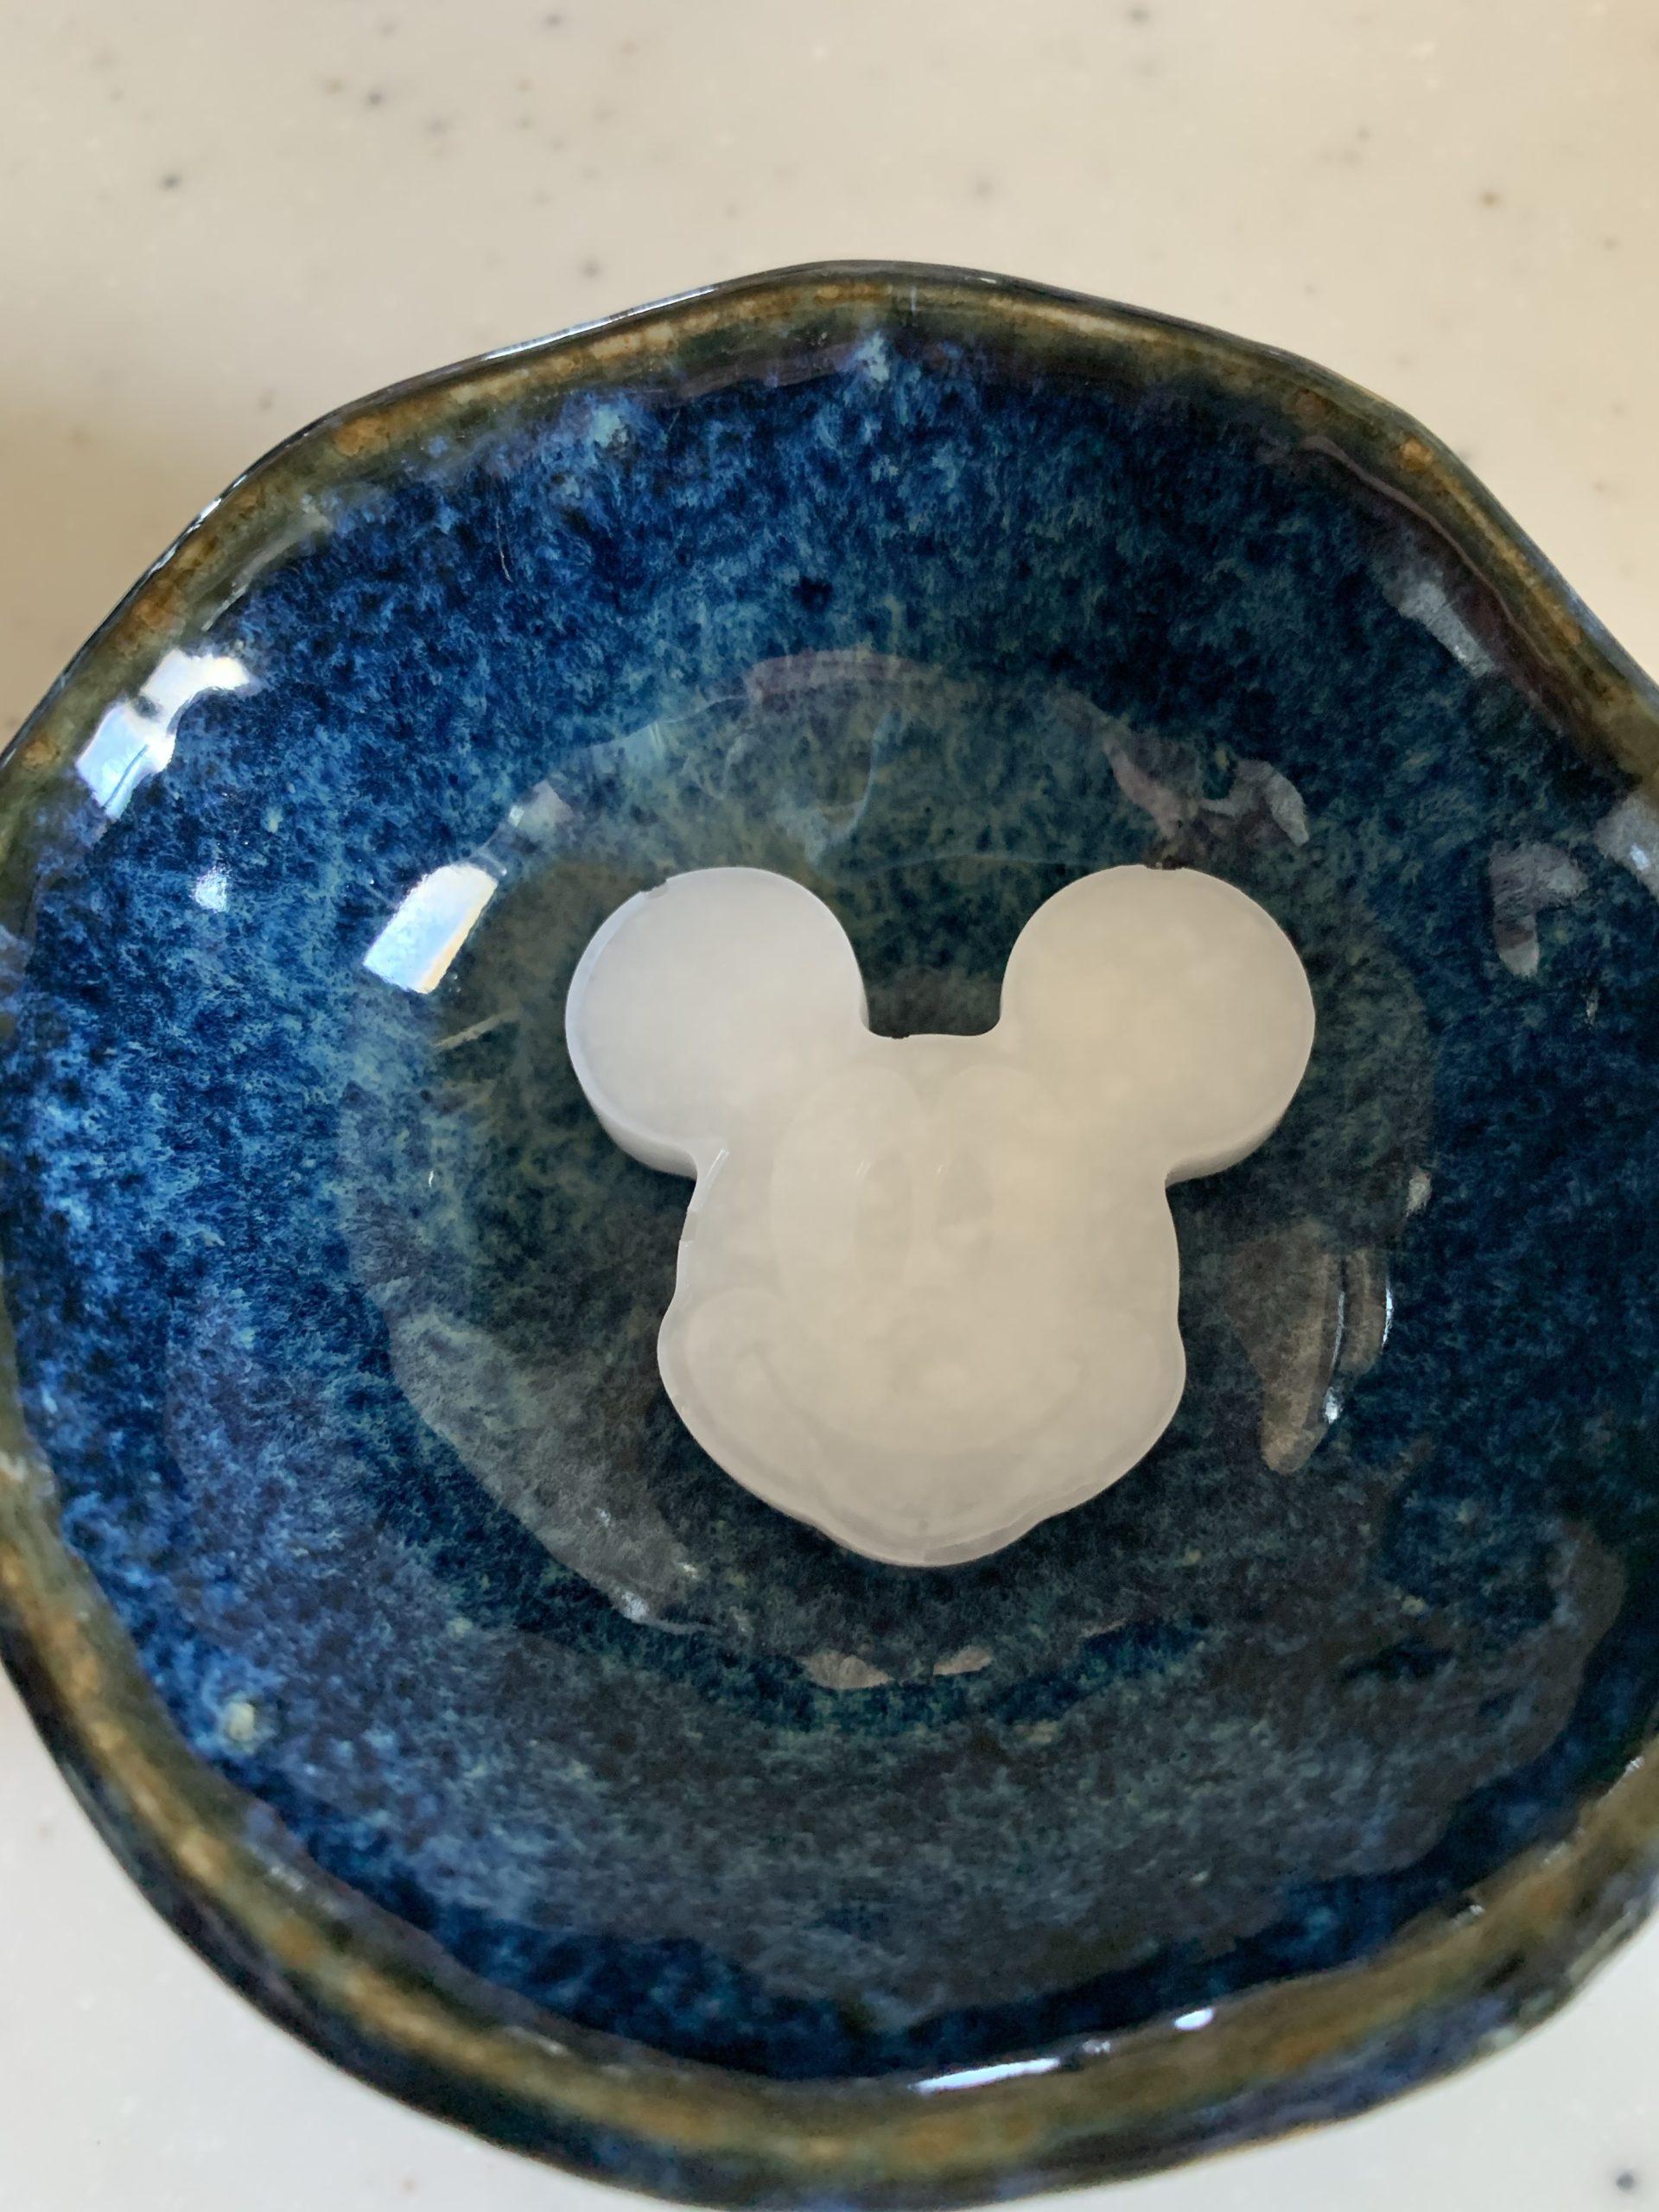 ミッキーマウス型にフリージングした10倍粥の写真です